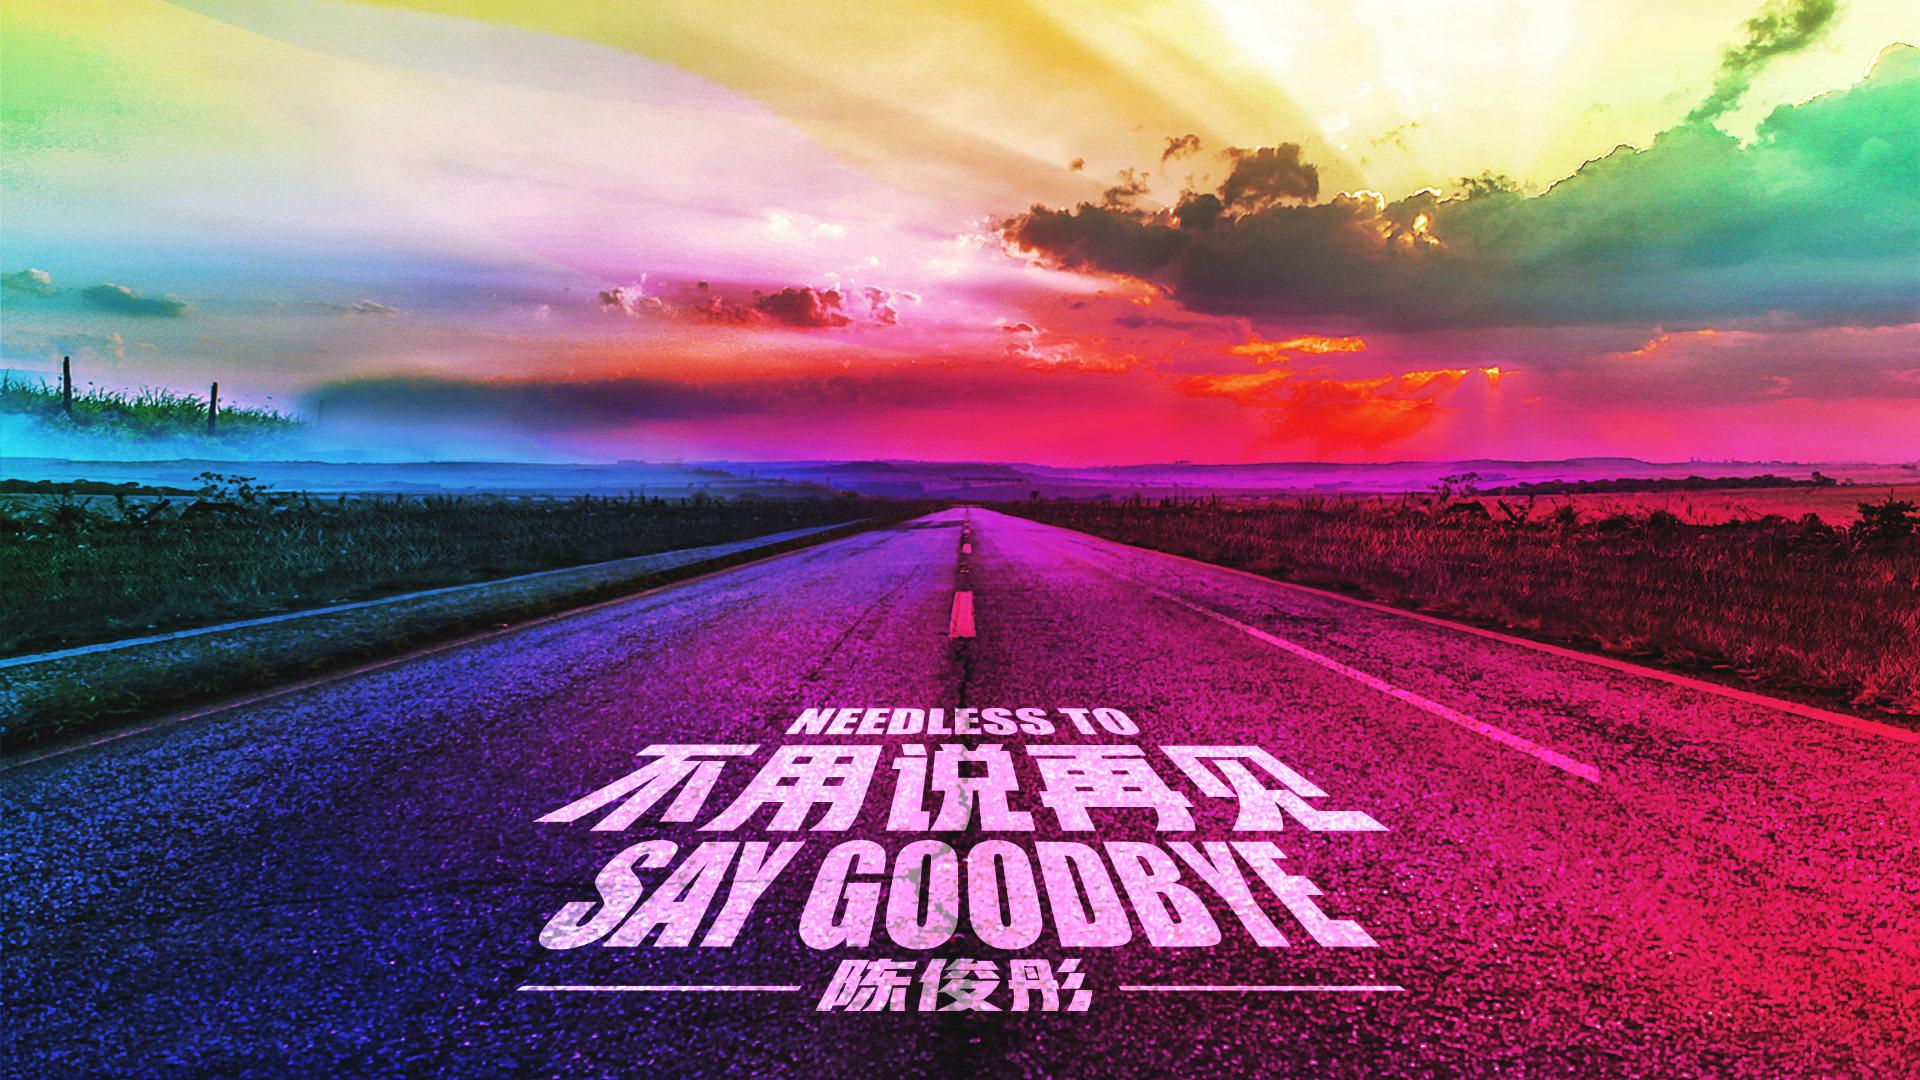 陈俊彤新歌《不用说再见》公布,主要讲述的是失恋后的心酸